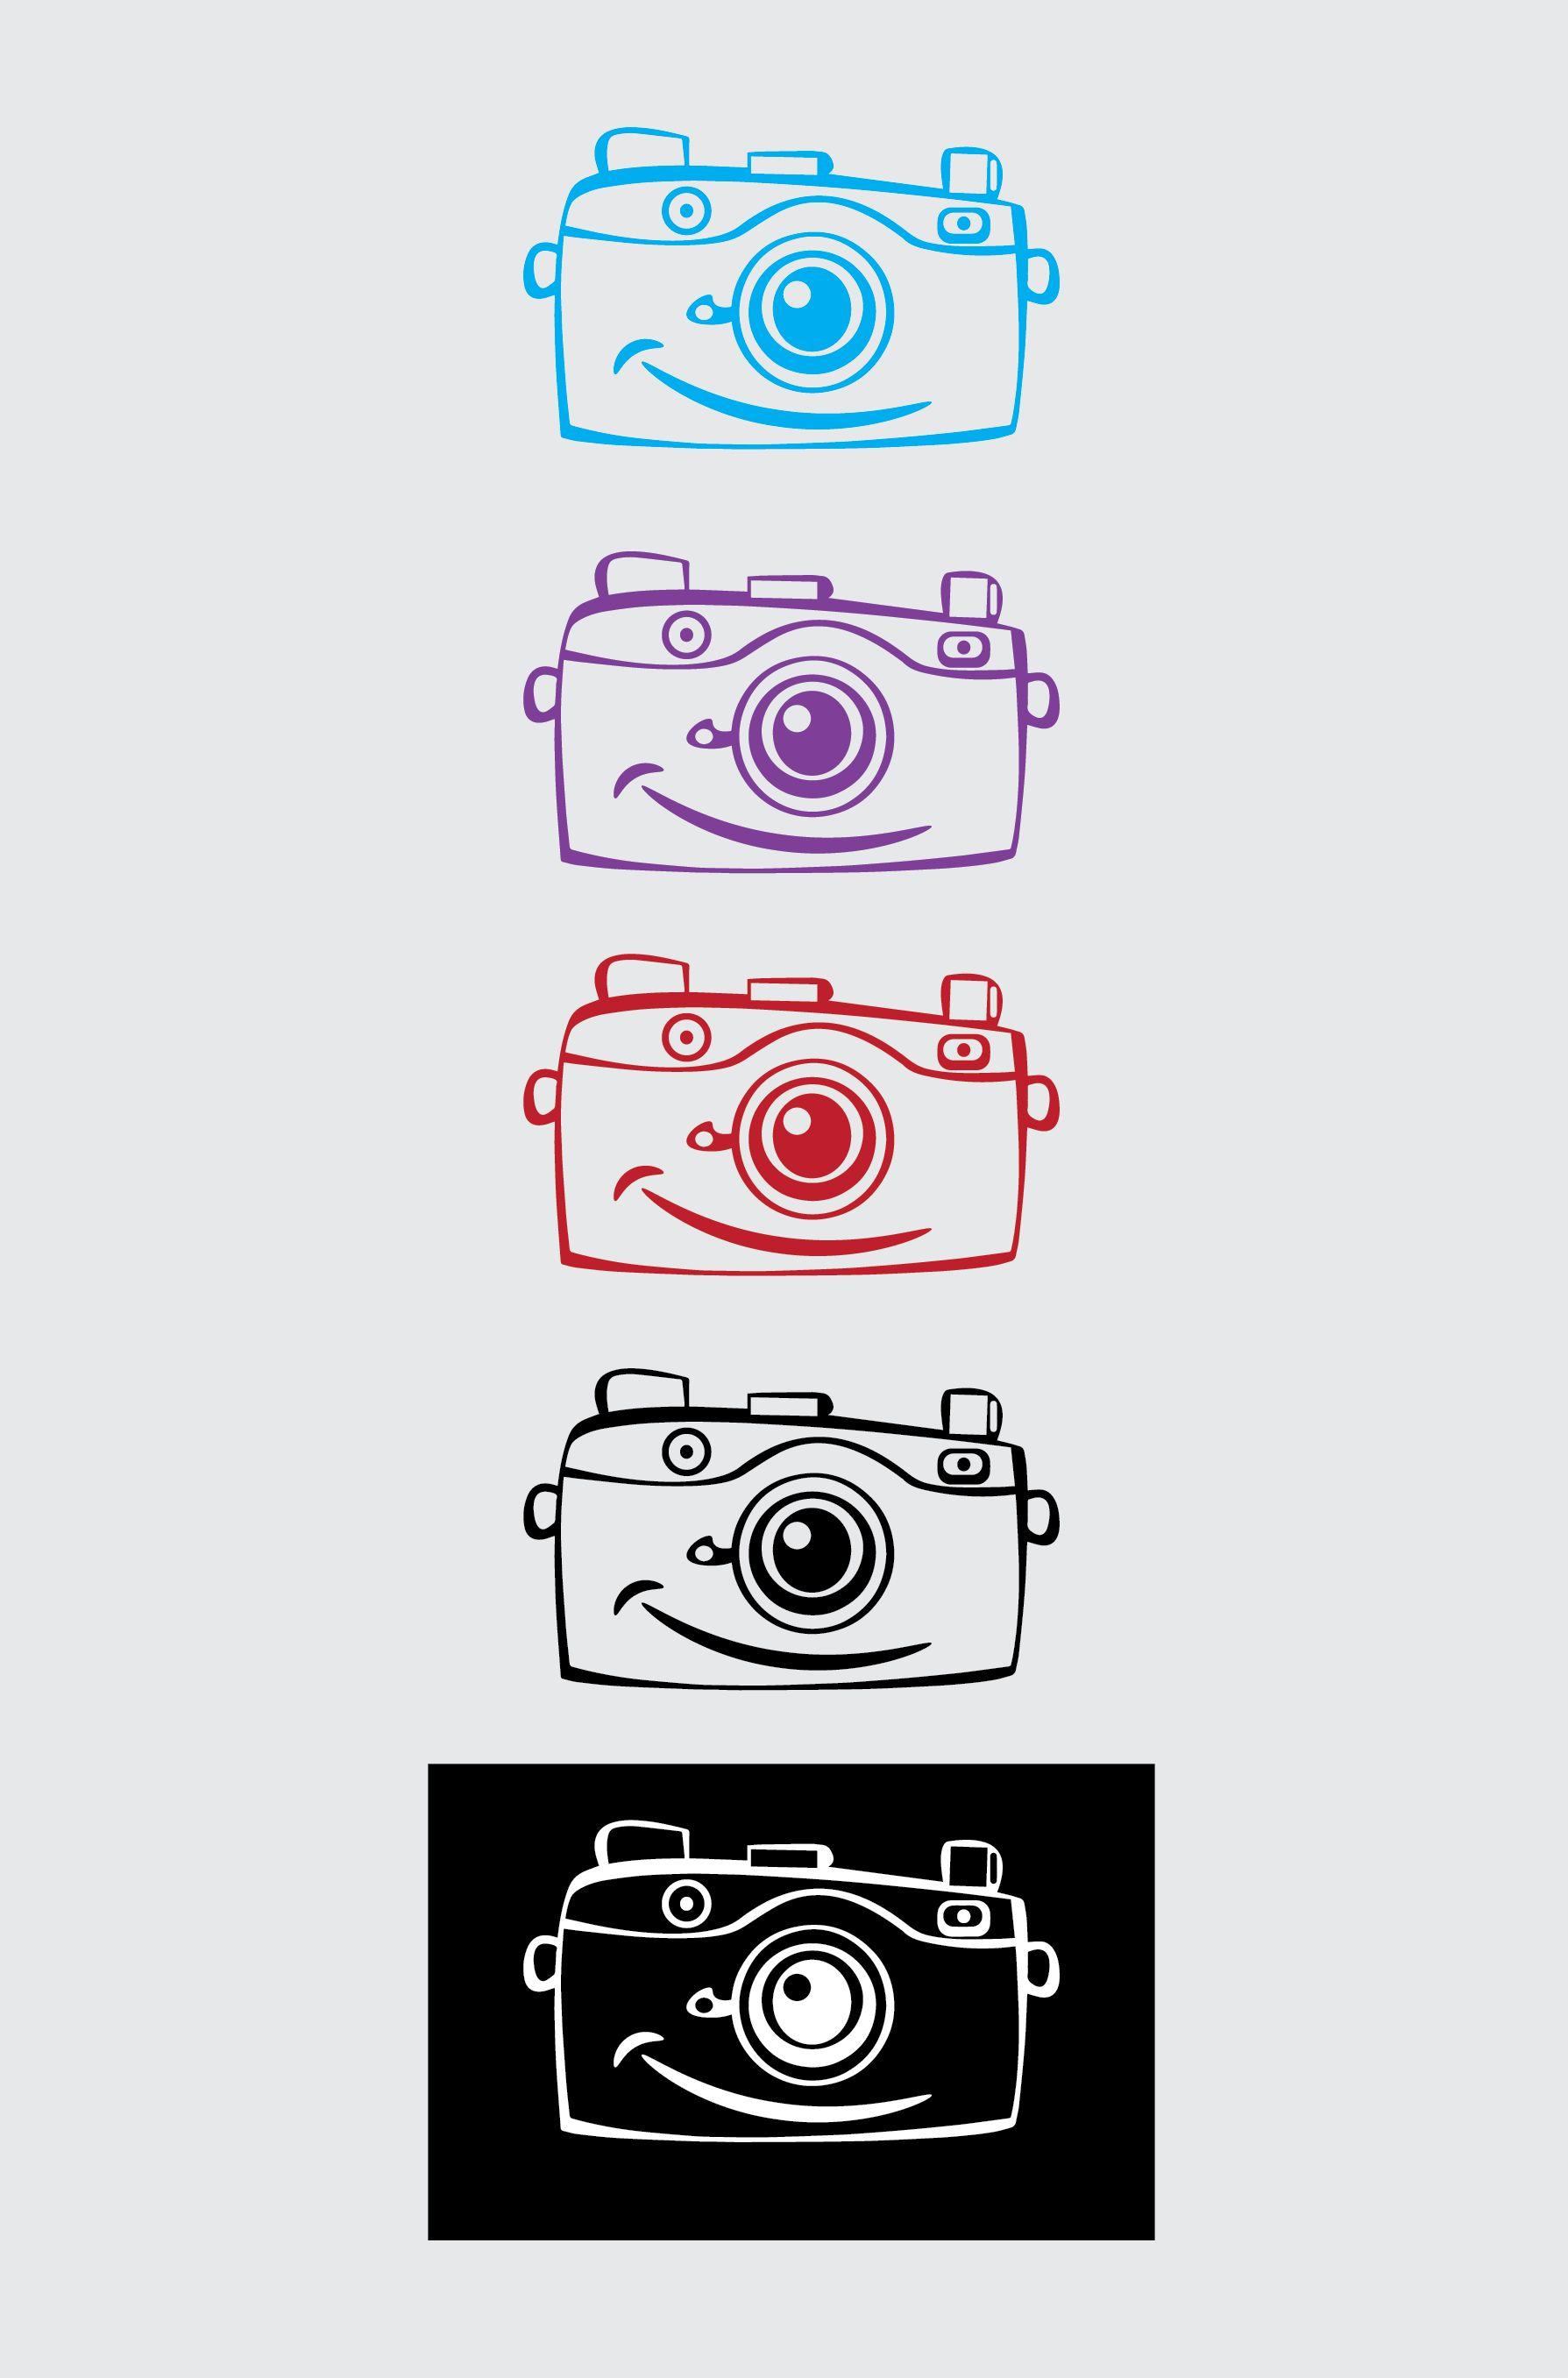 Логотип для фотографа - дизайнер valiok22